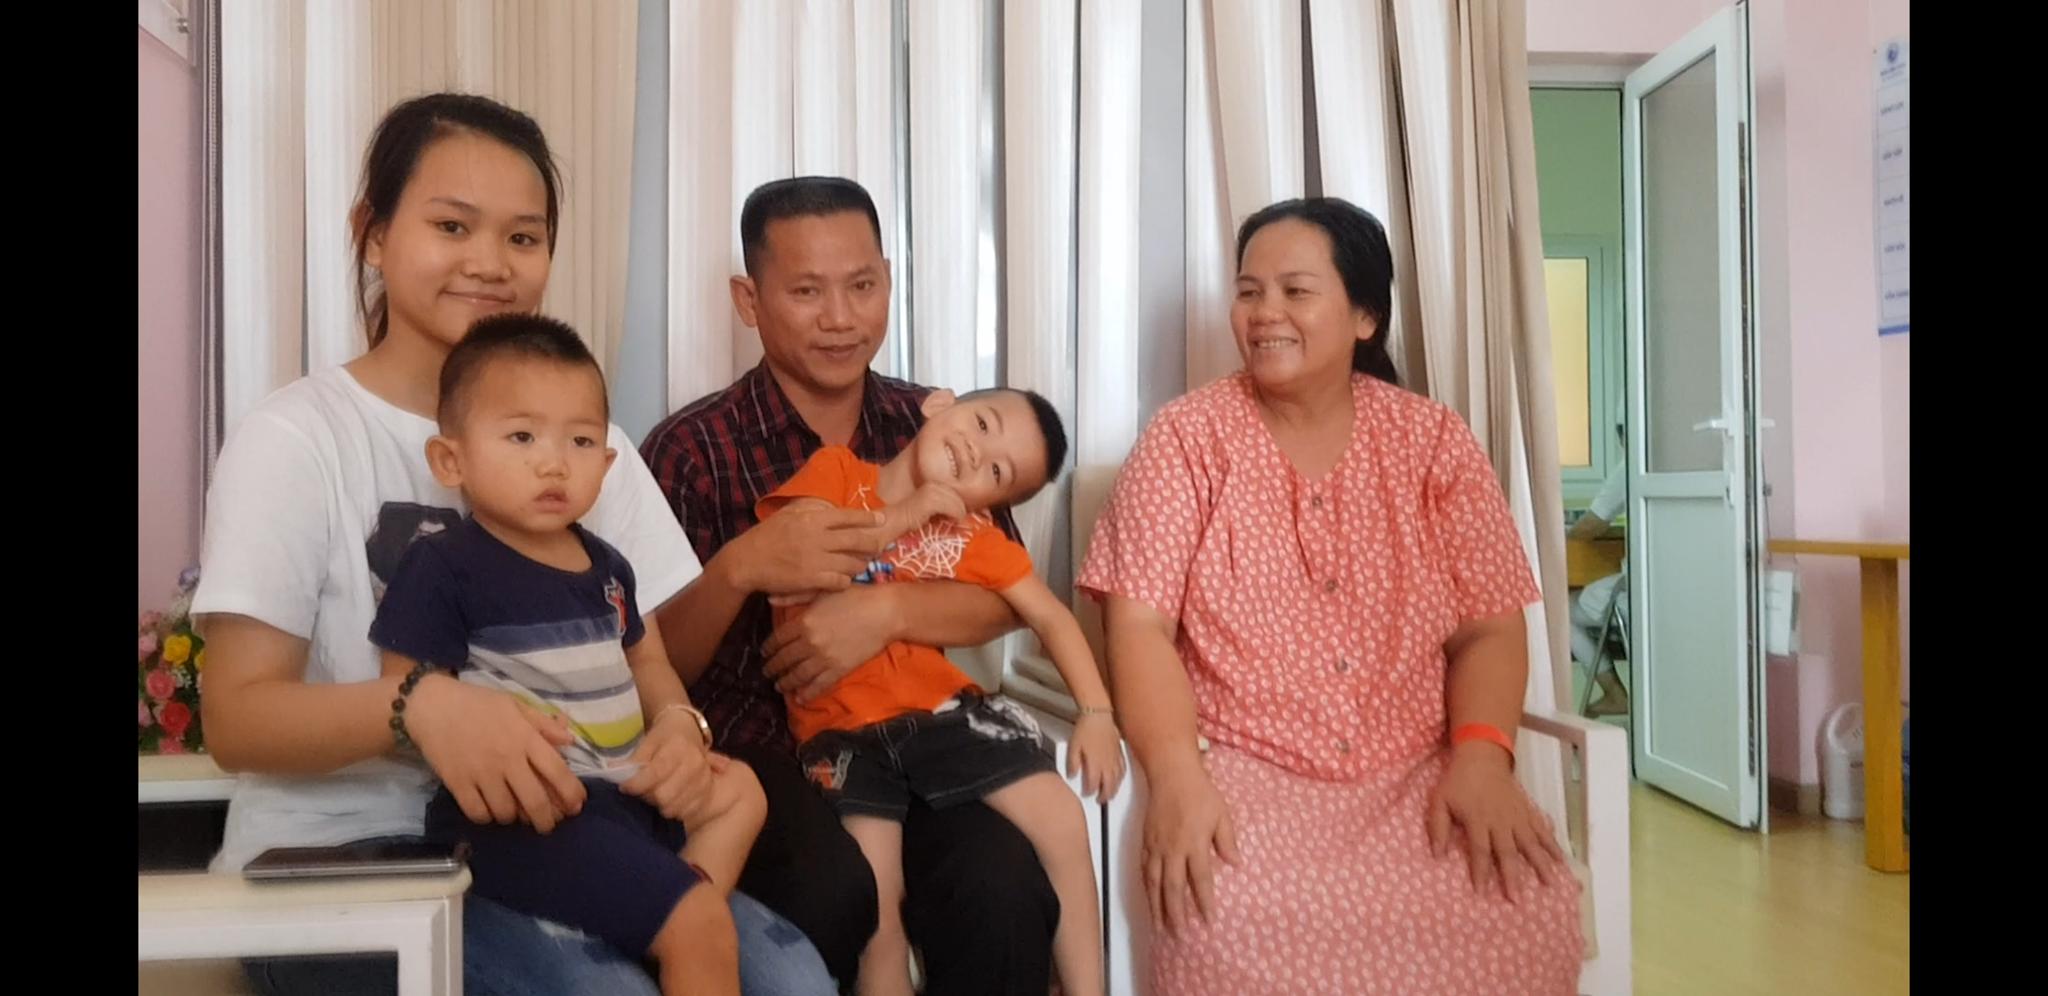 Gặp người phụ nữ đã có 13 con, vào Sài Gòn lại sinh đôi lên 15 đứa: Biết là đông con vất vả nhưng chúng tôi rất vui - Ảnh 1.